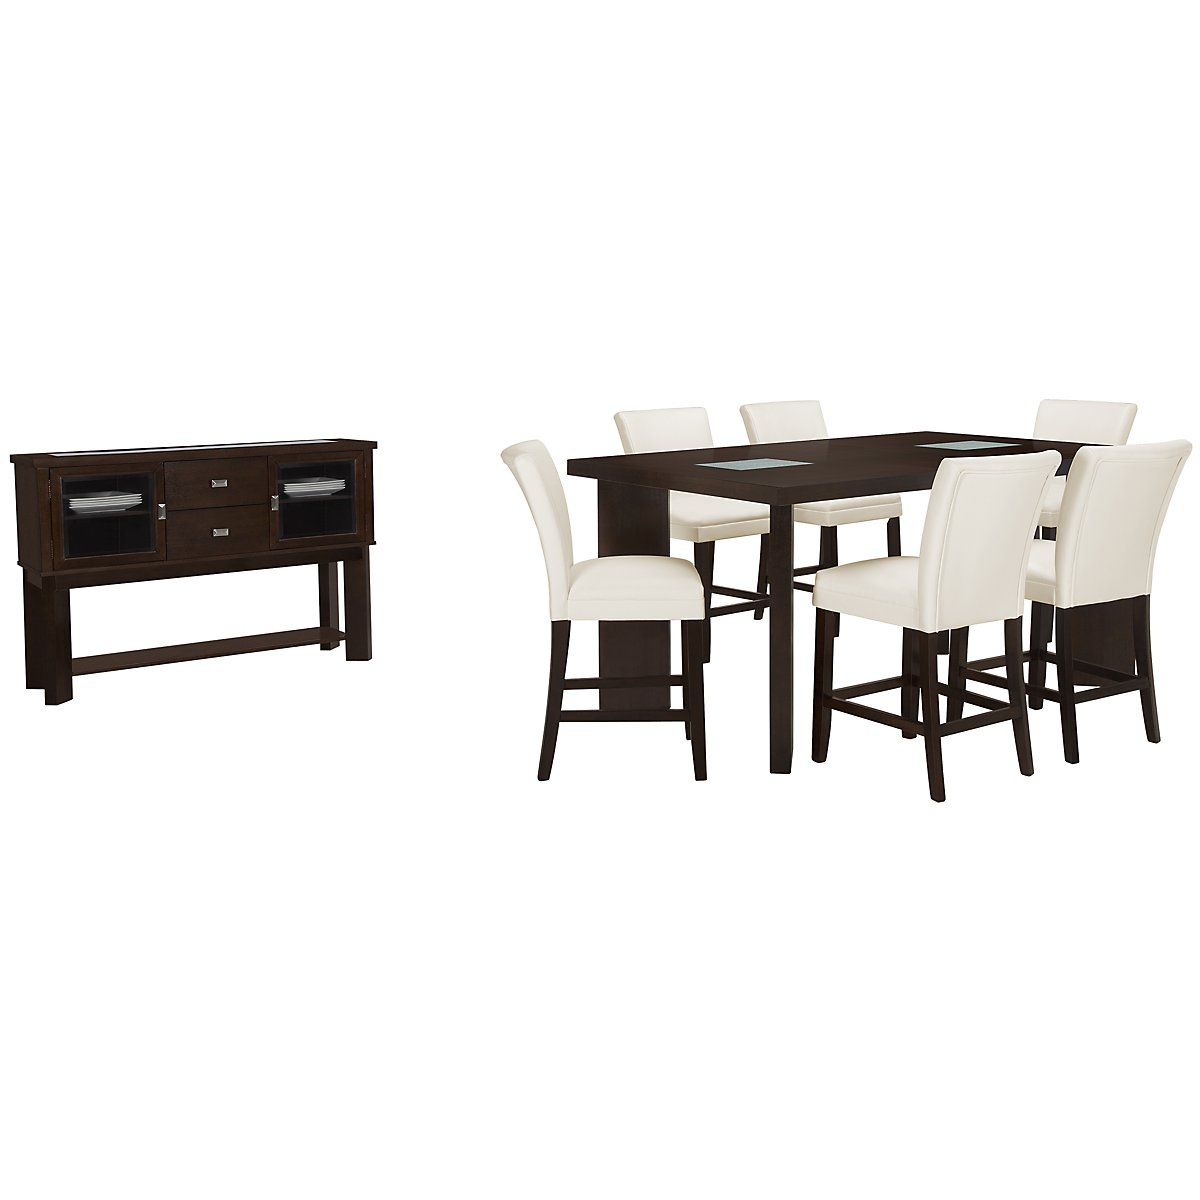 Delano2 White High Dining Room